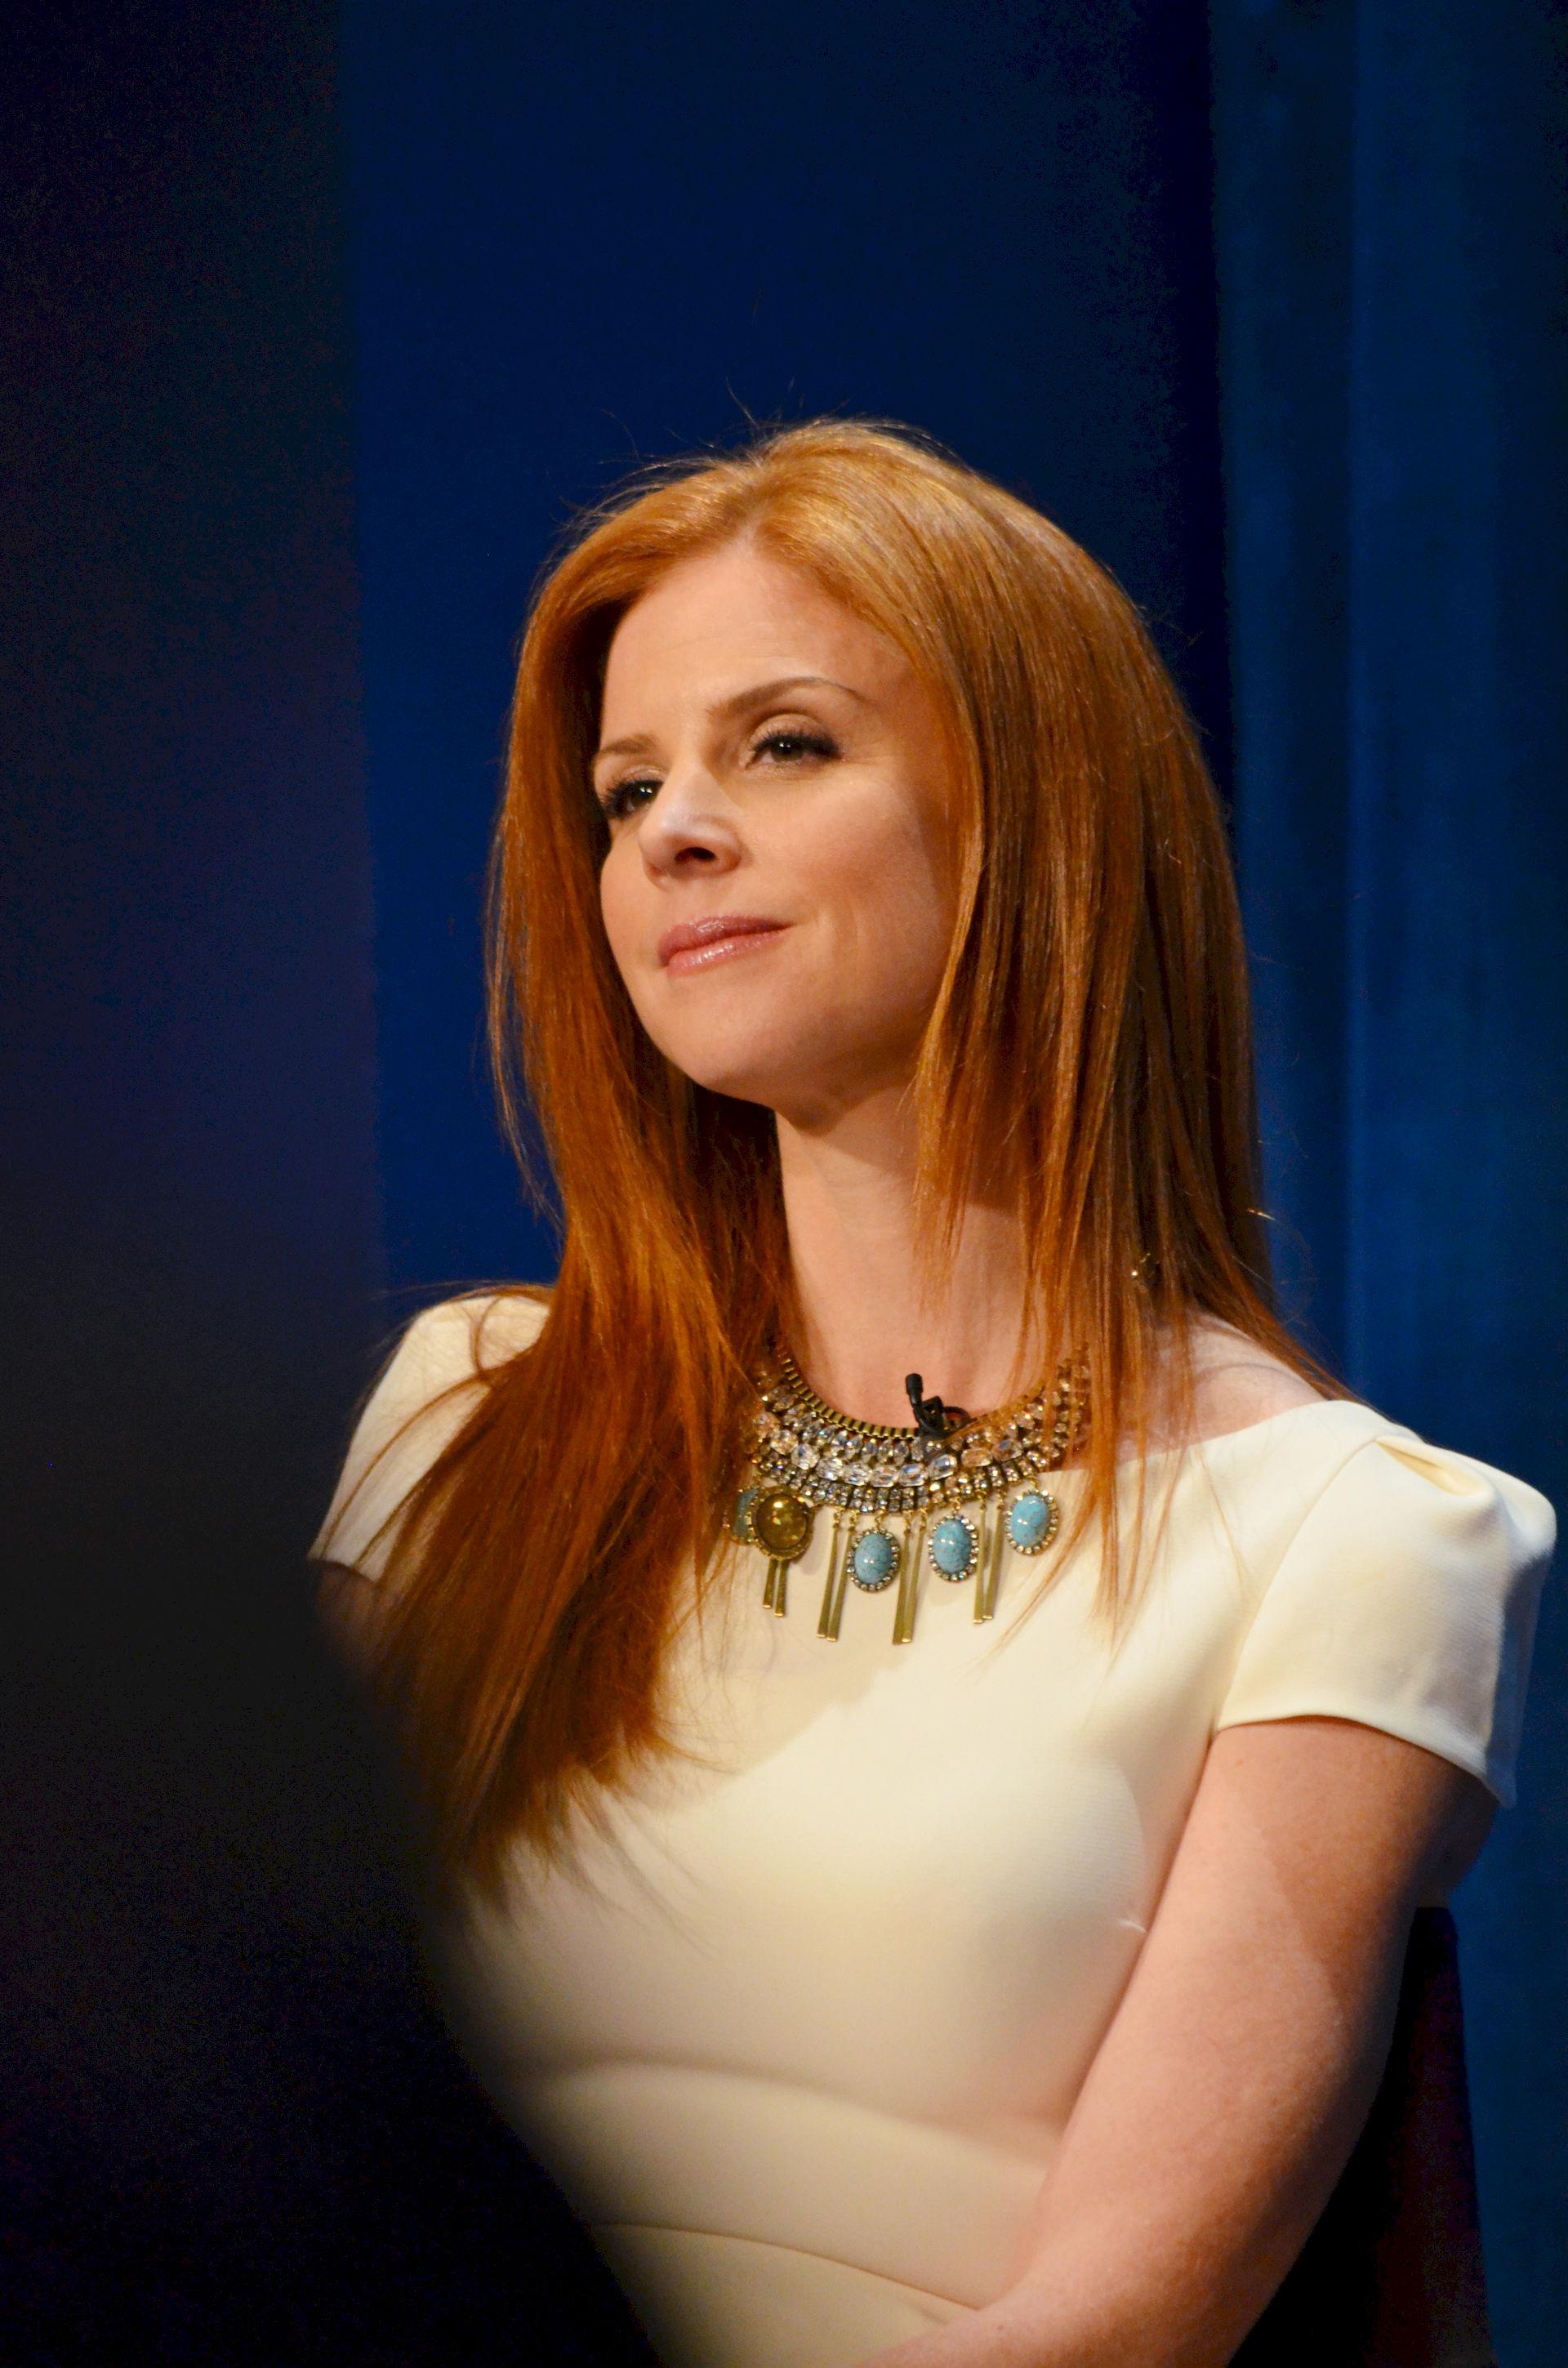 Photo of Sarah Rafferty: American actress